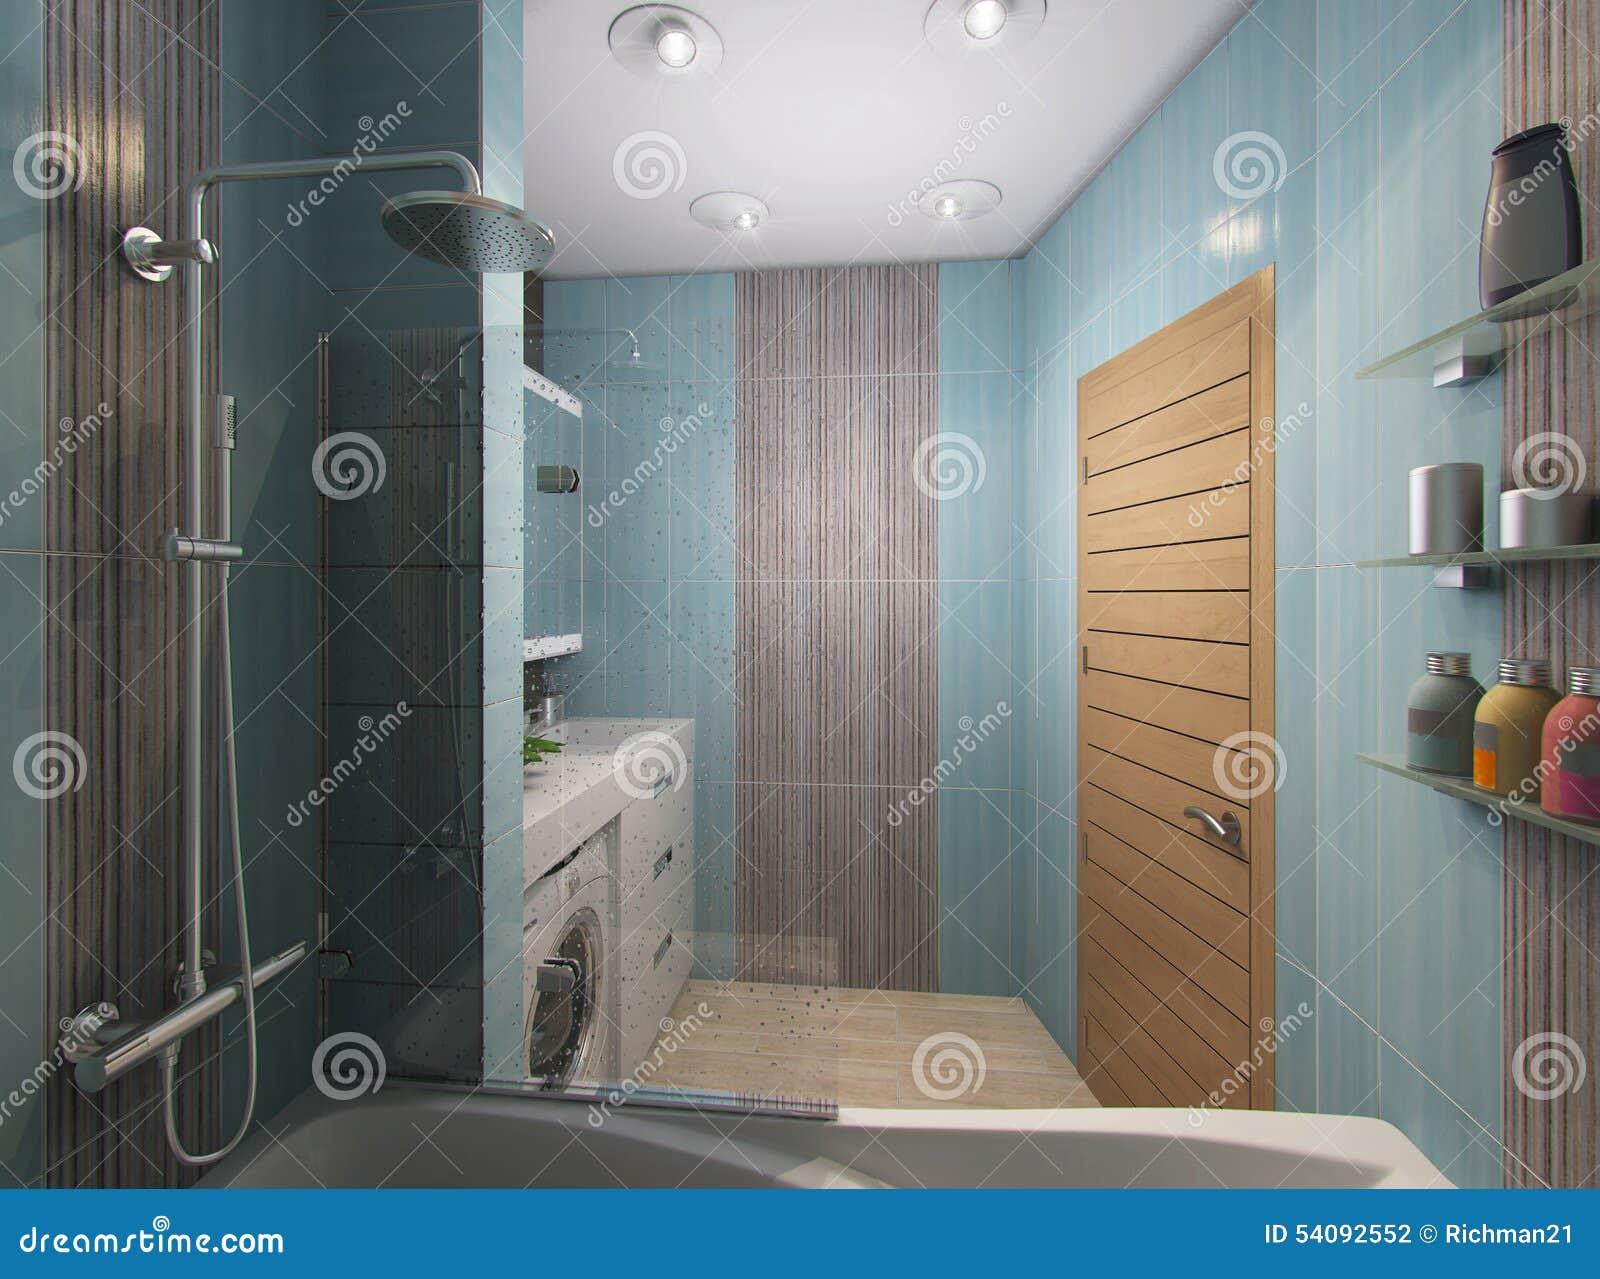 3D illustratie van een badkamers in turkooise tonen